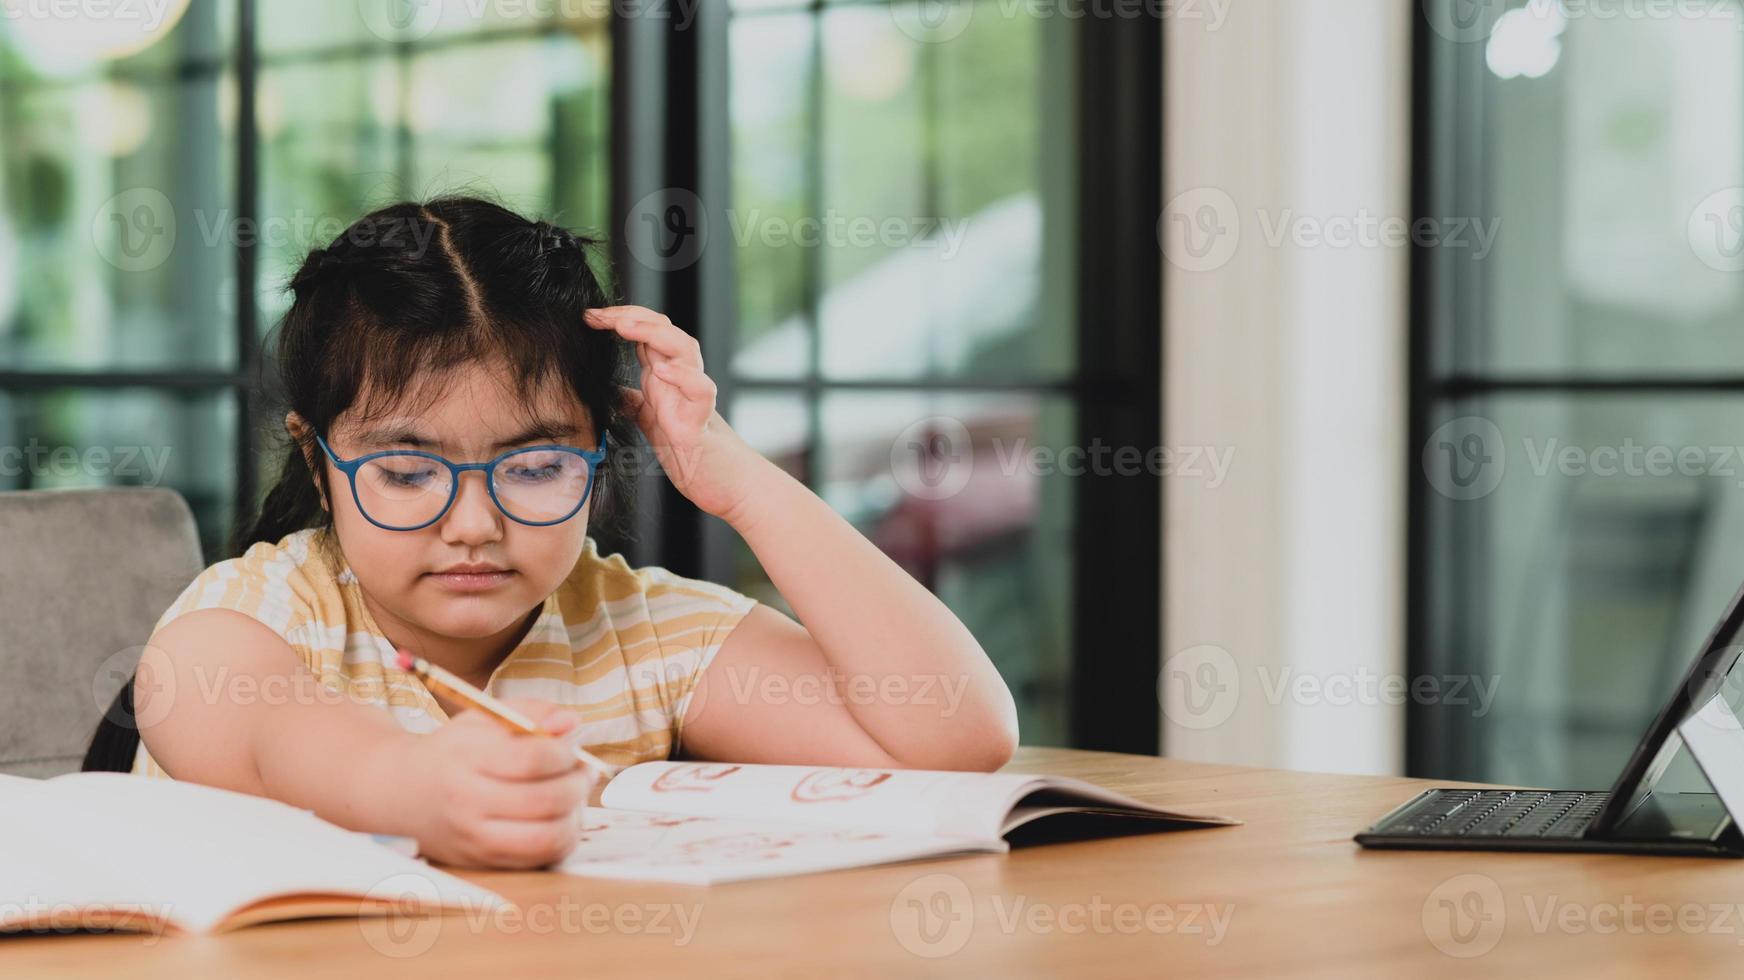 una niña con gafas está dibujando en un cuaderno con una tableta. foto